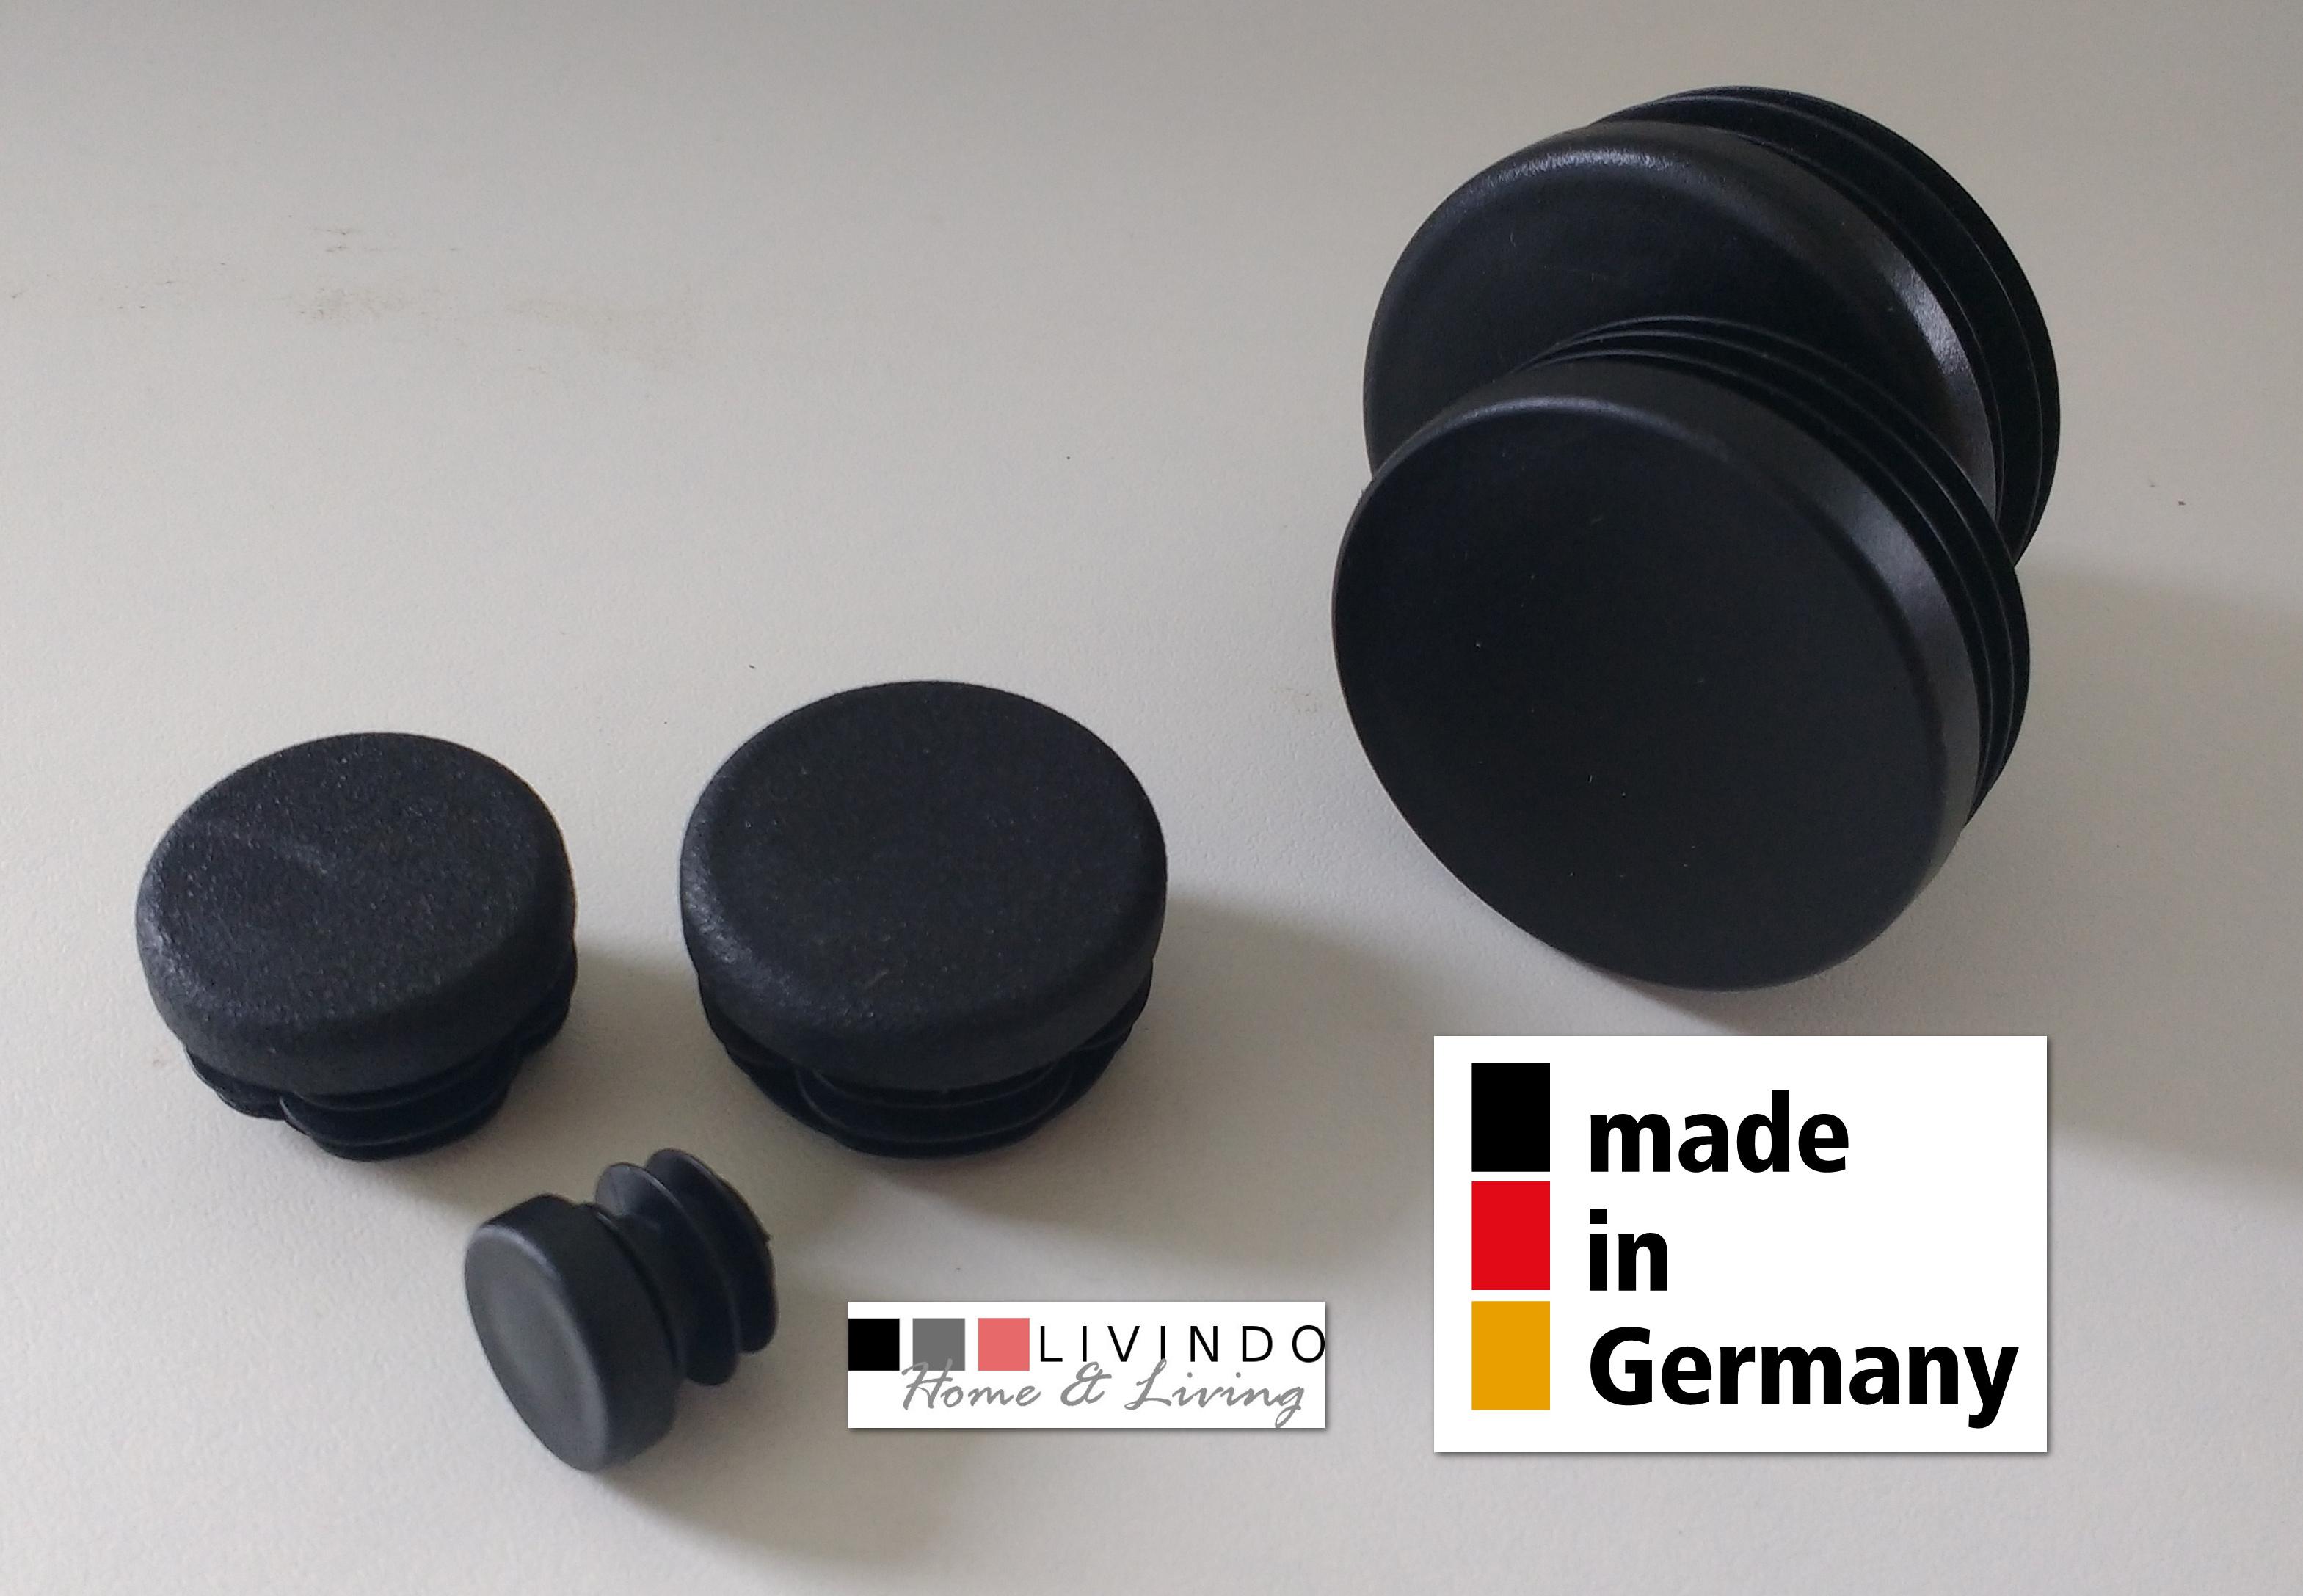 10 Stck. Lamellenstopfen Rohrstopfen Pfostenkappen Rund 35 mm mm Schwarz